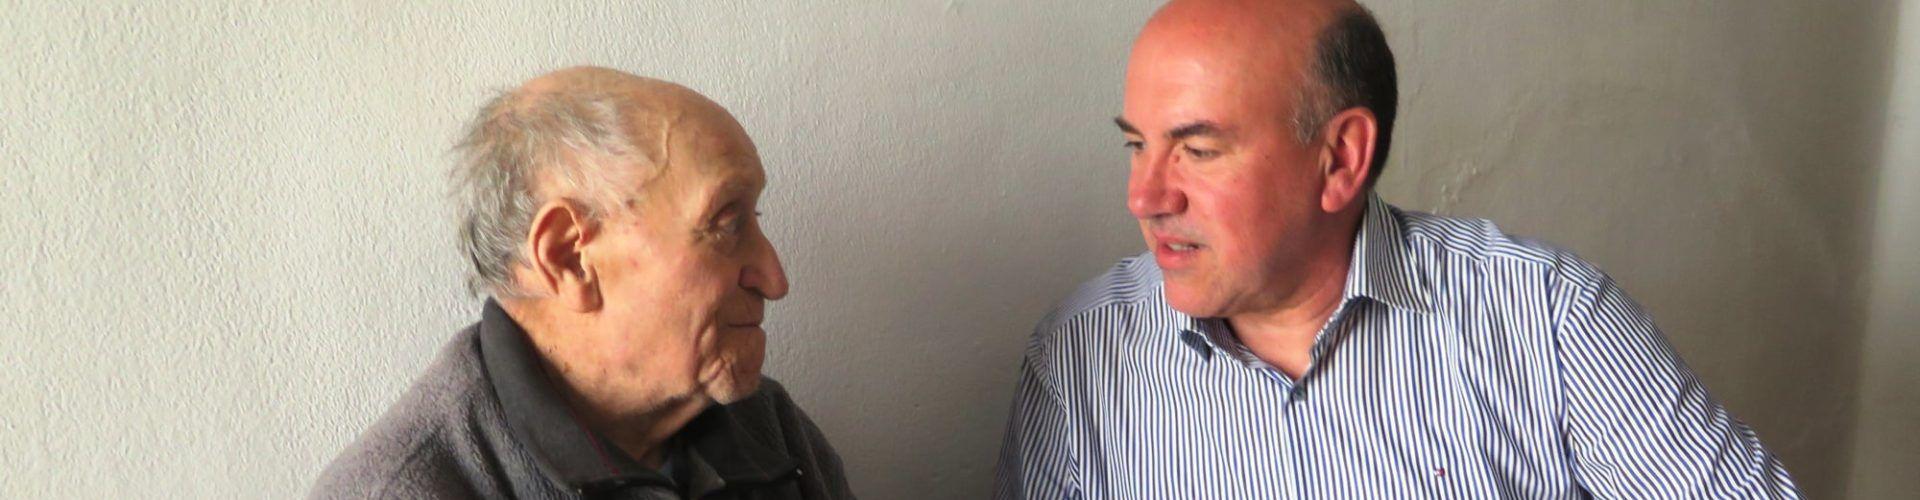 Els arxius Arolsen i el misteri de l'alliberament del canareu lo Tio Farjo del camp de Mauthausen (I)